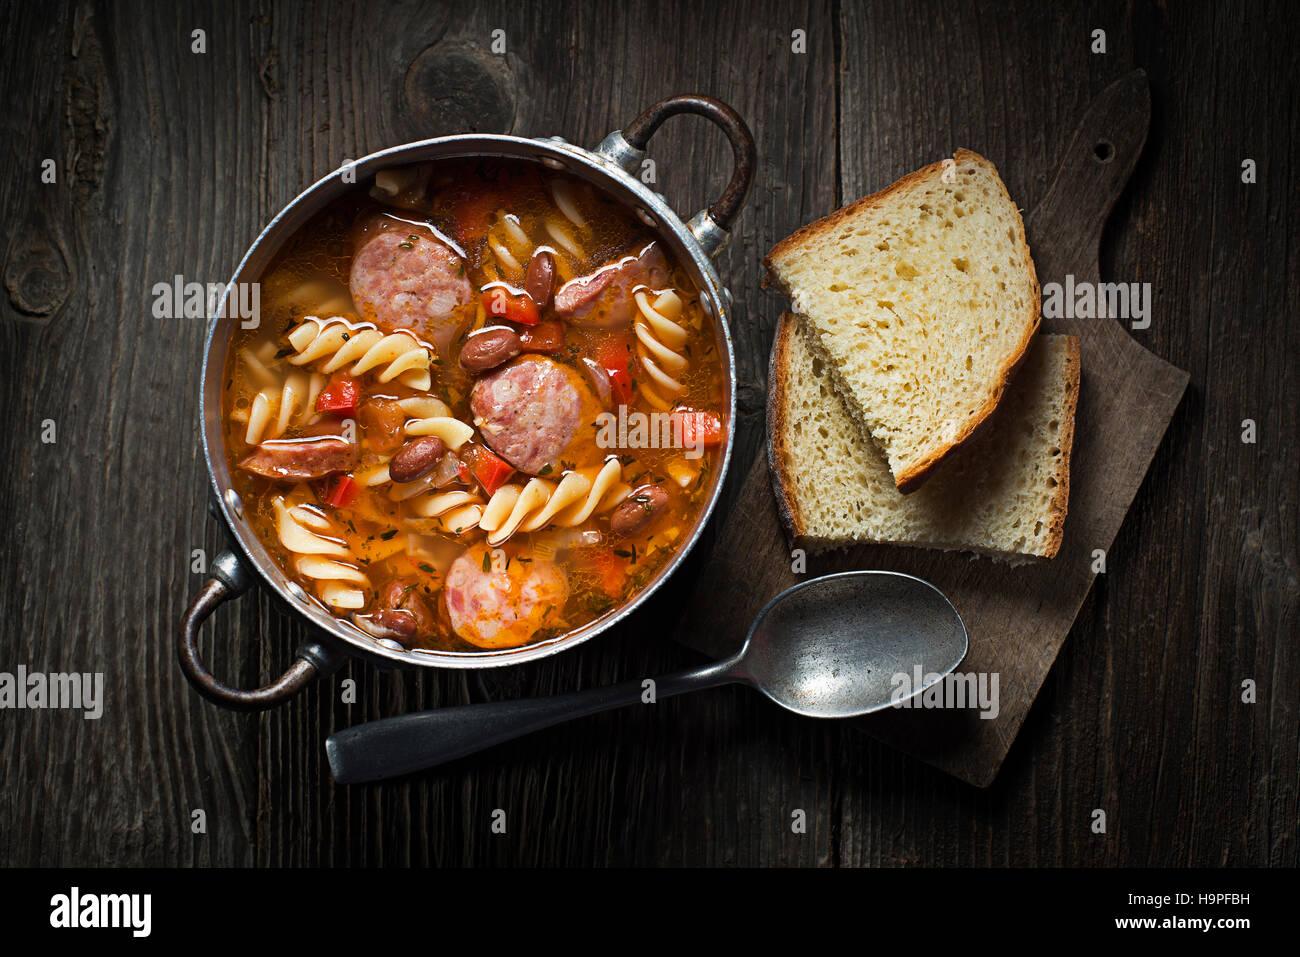 Ragoût de haricots frais avec de la saucisse et des pâtes sur fond de bois Photo Stock